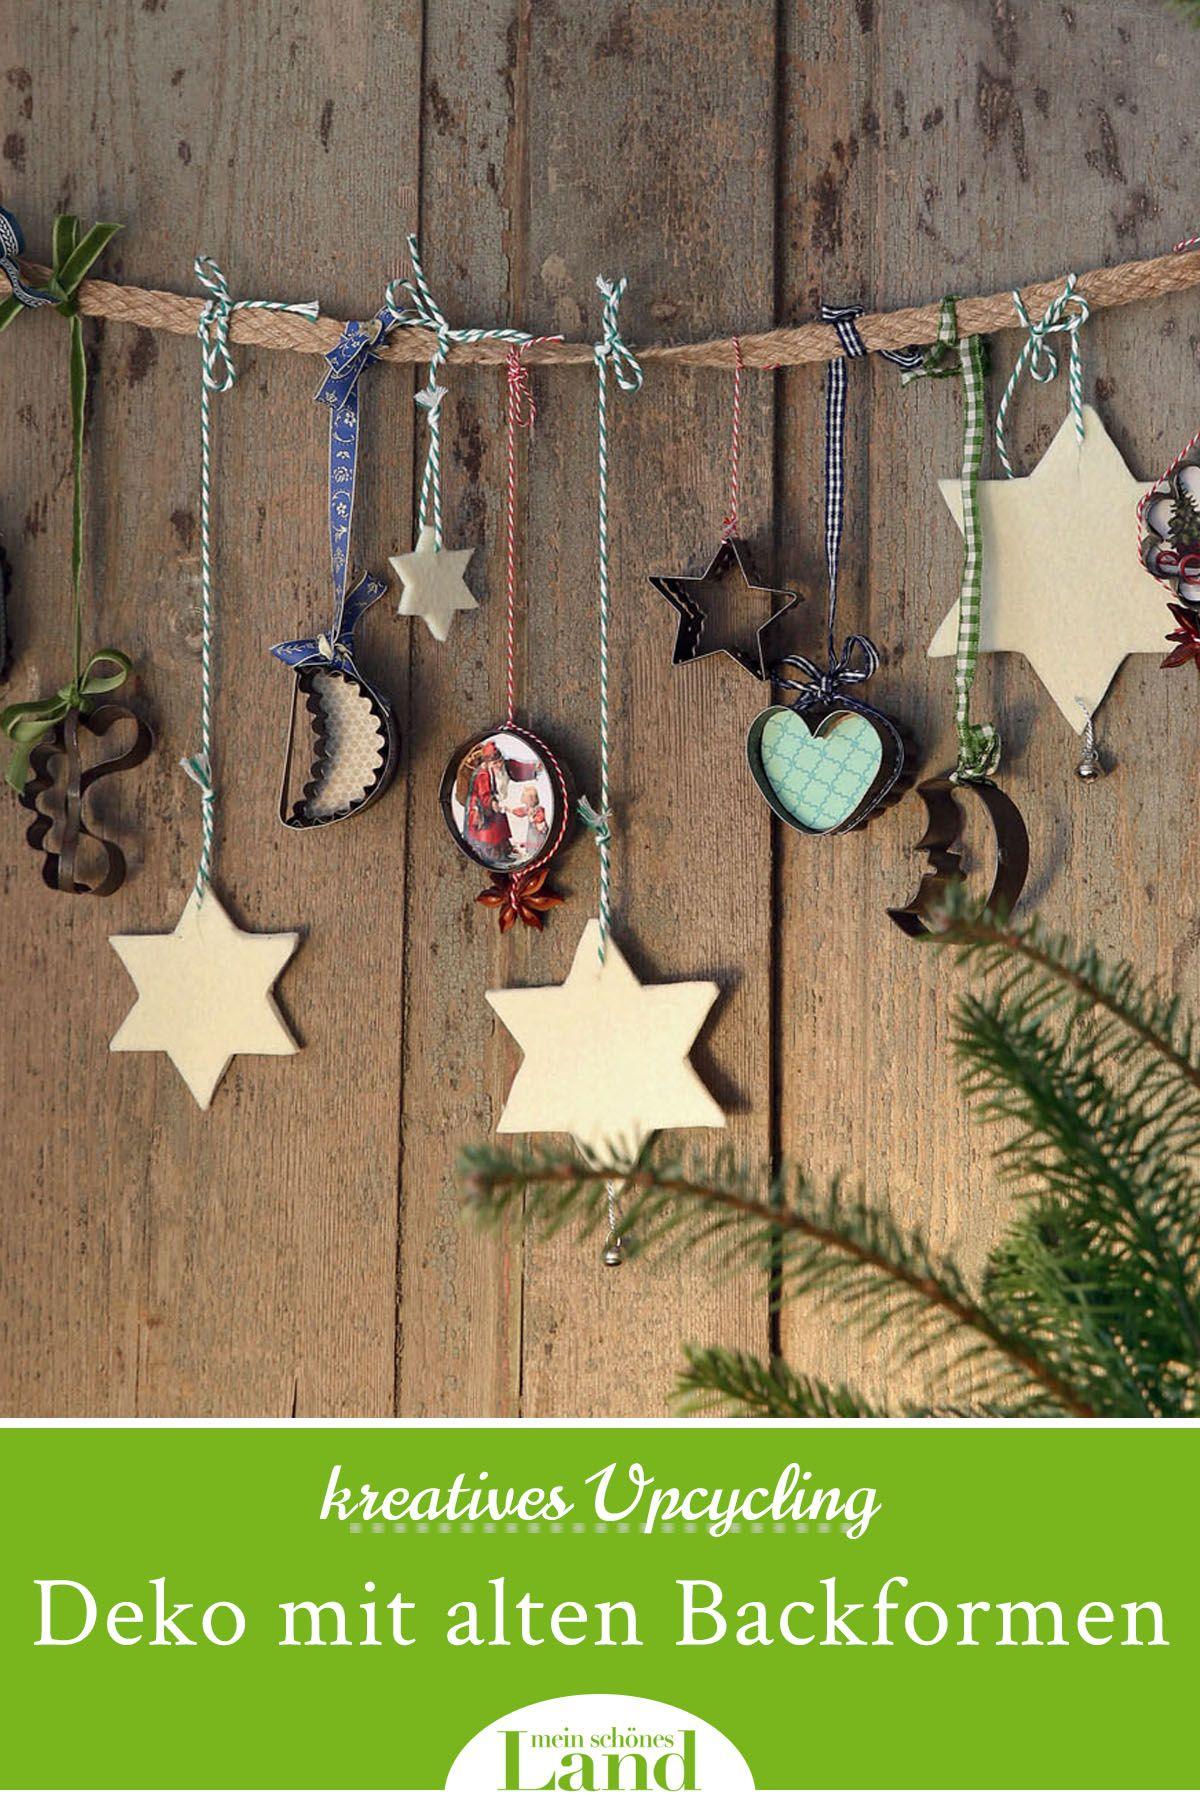 Upcycling: Weihnachtsdeko mit alten Backformen